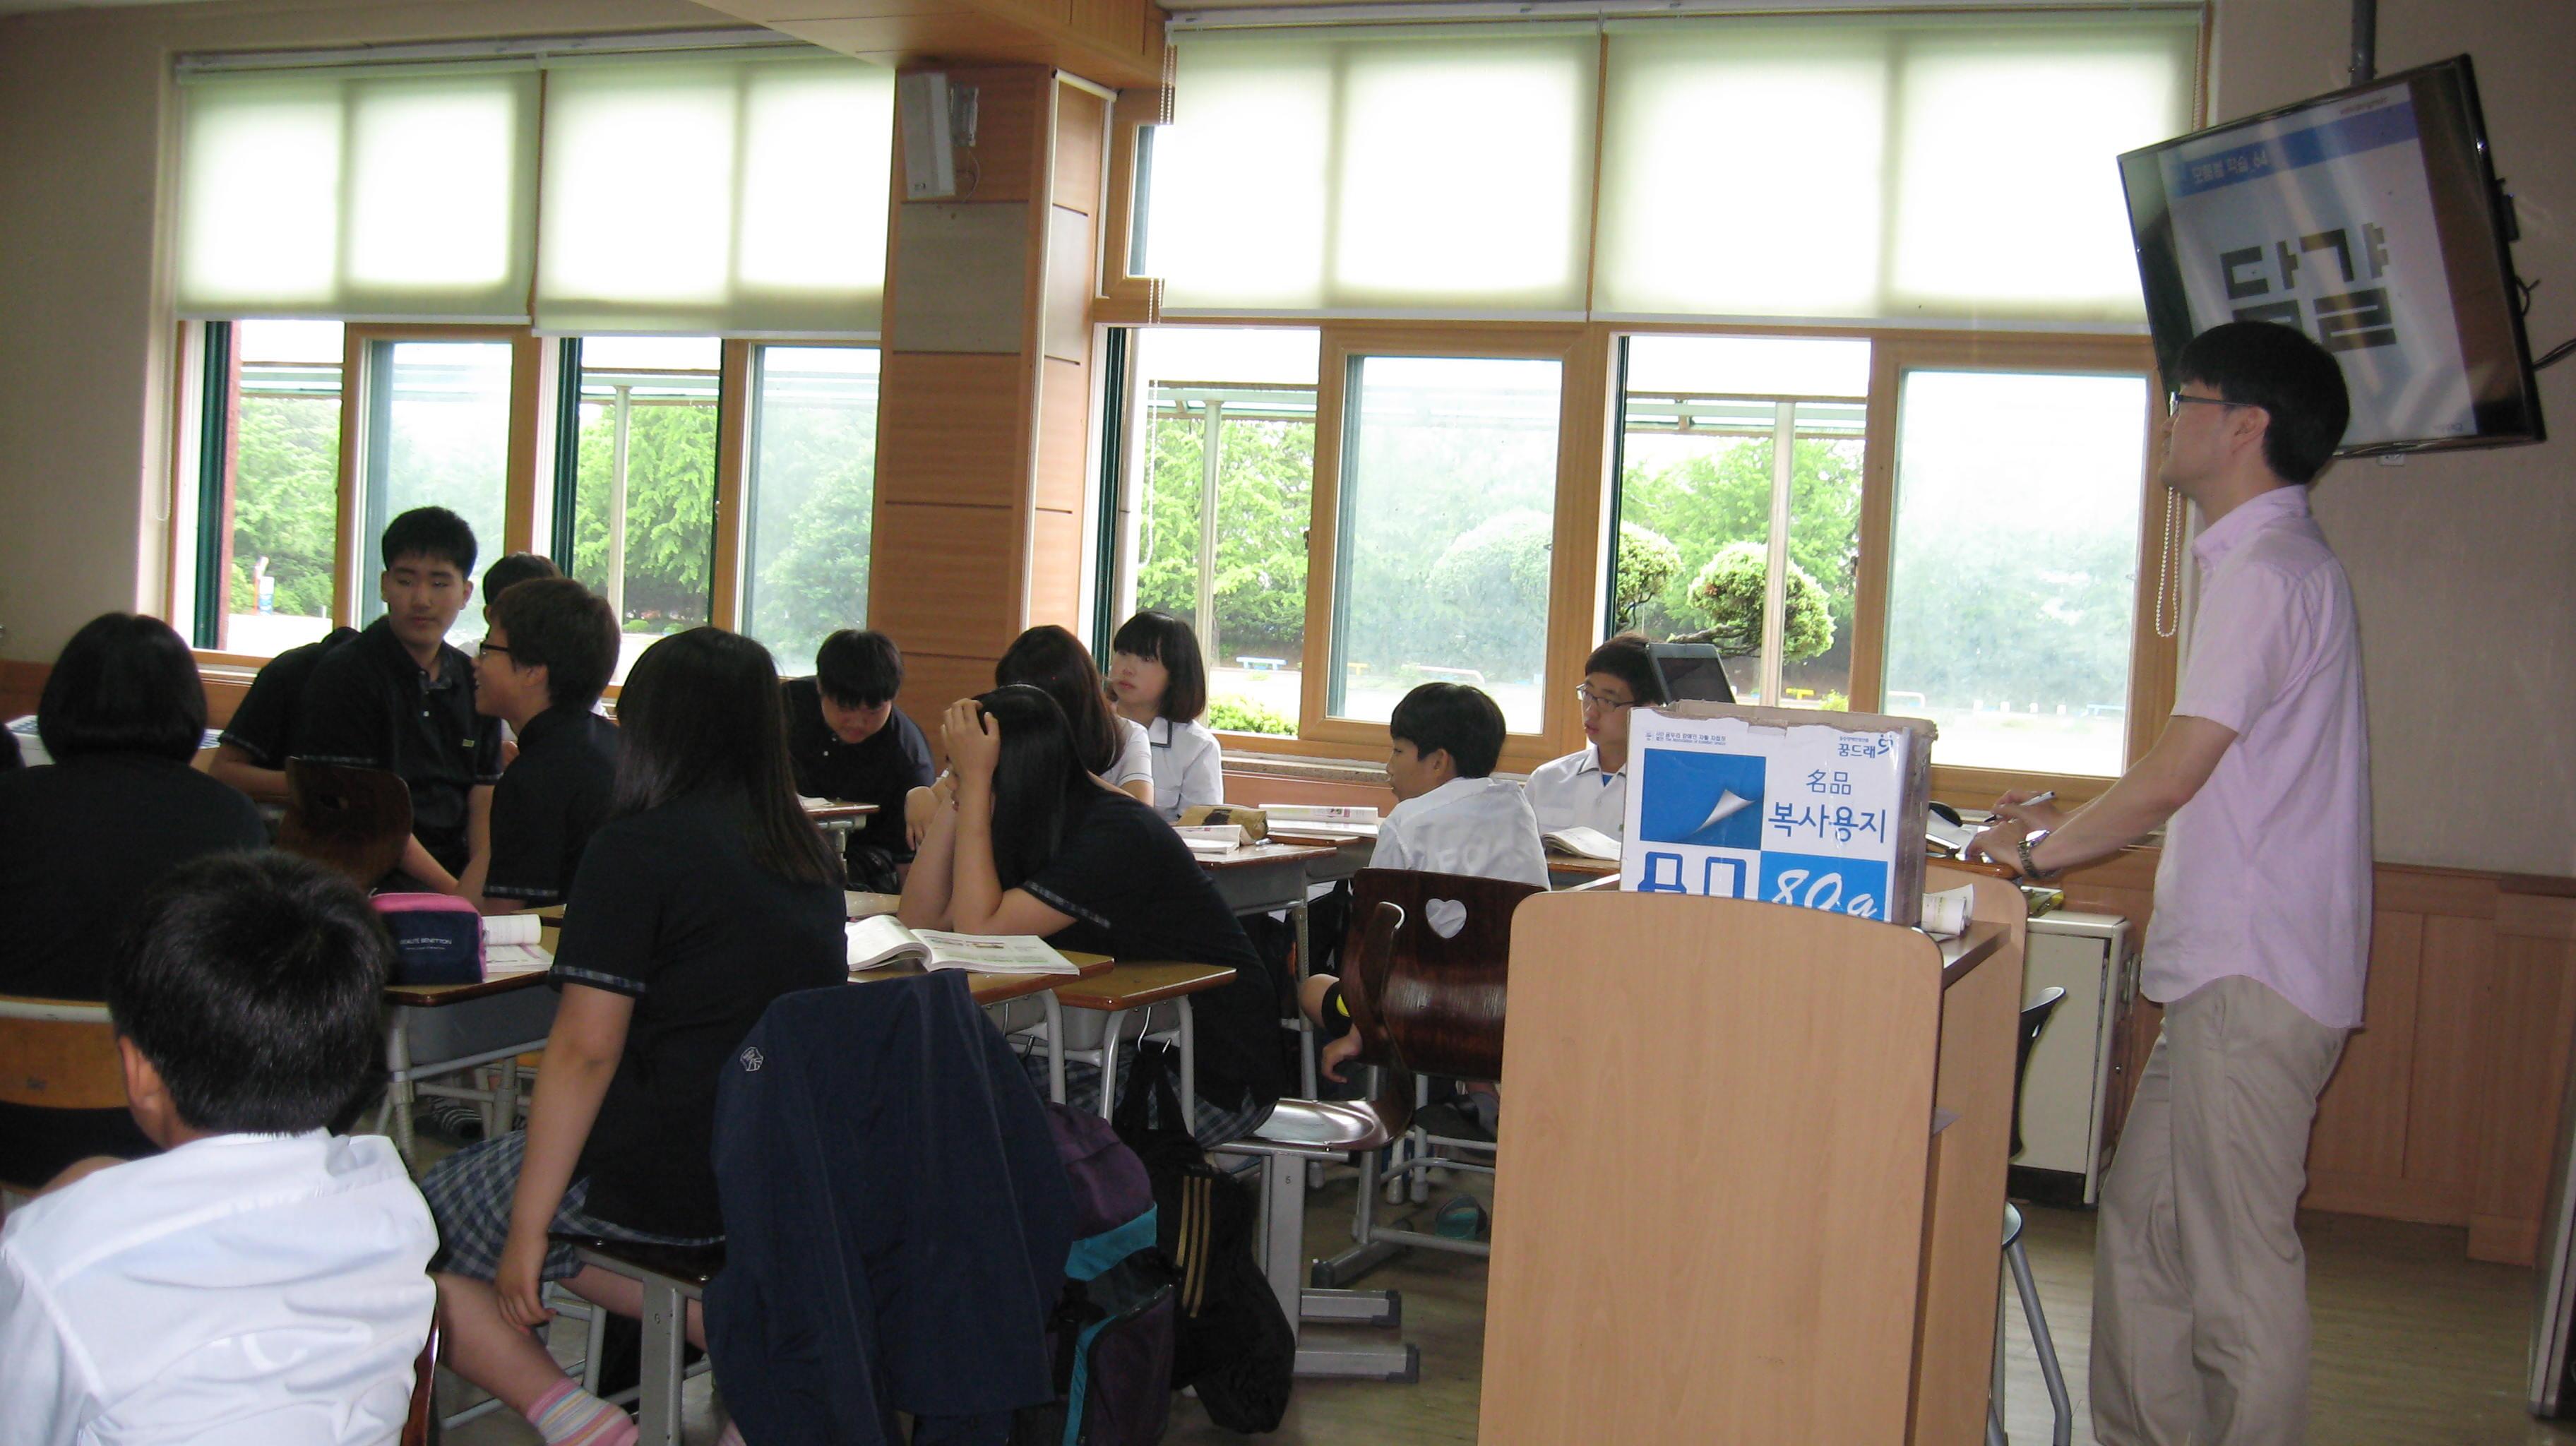 [일반] 학부모 공개 수업의 날의 첨부이미지 7